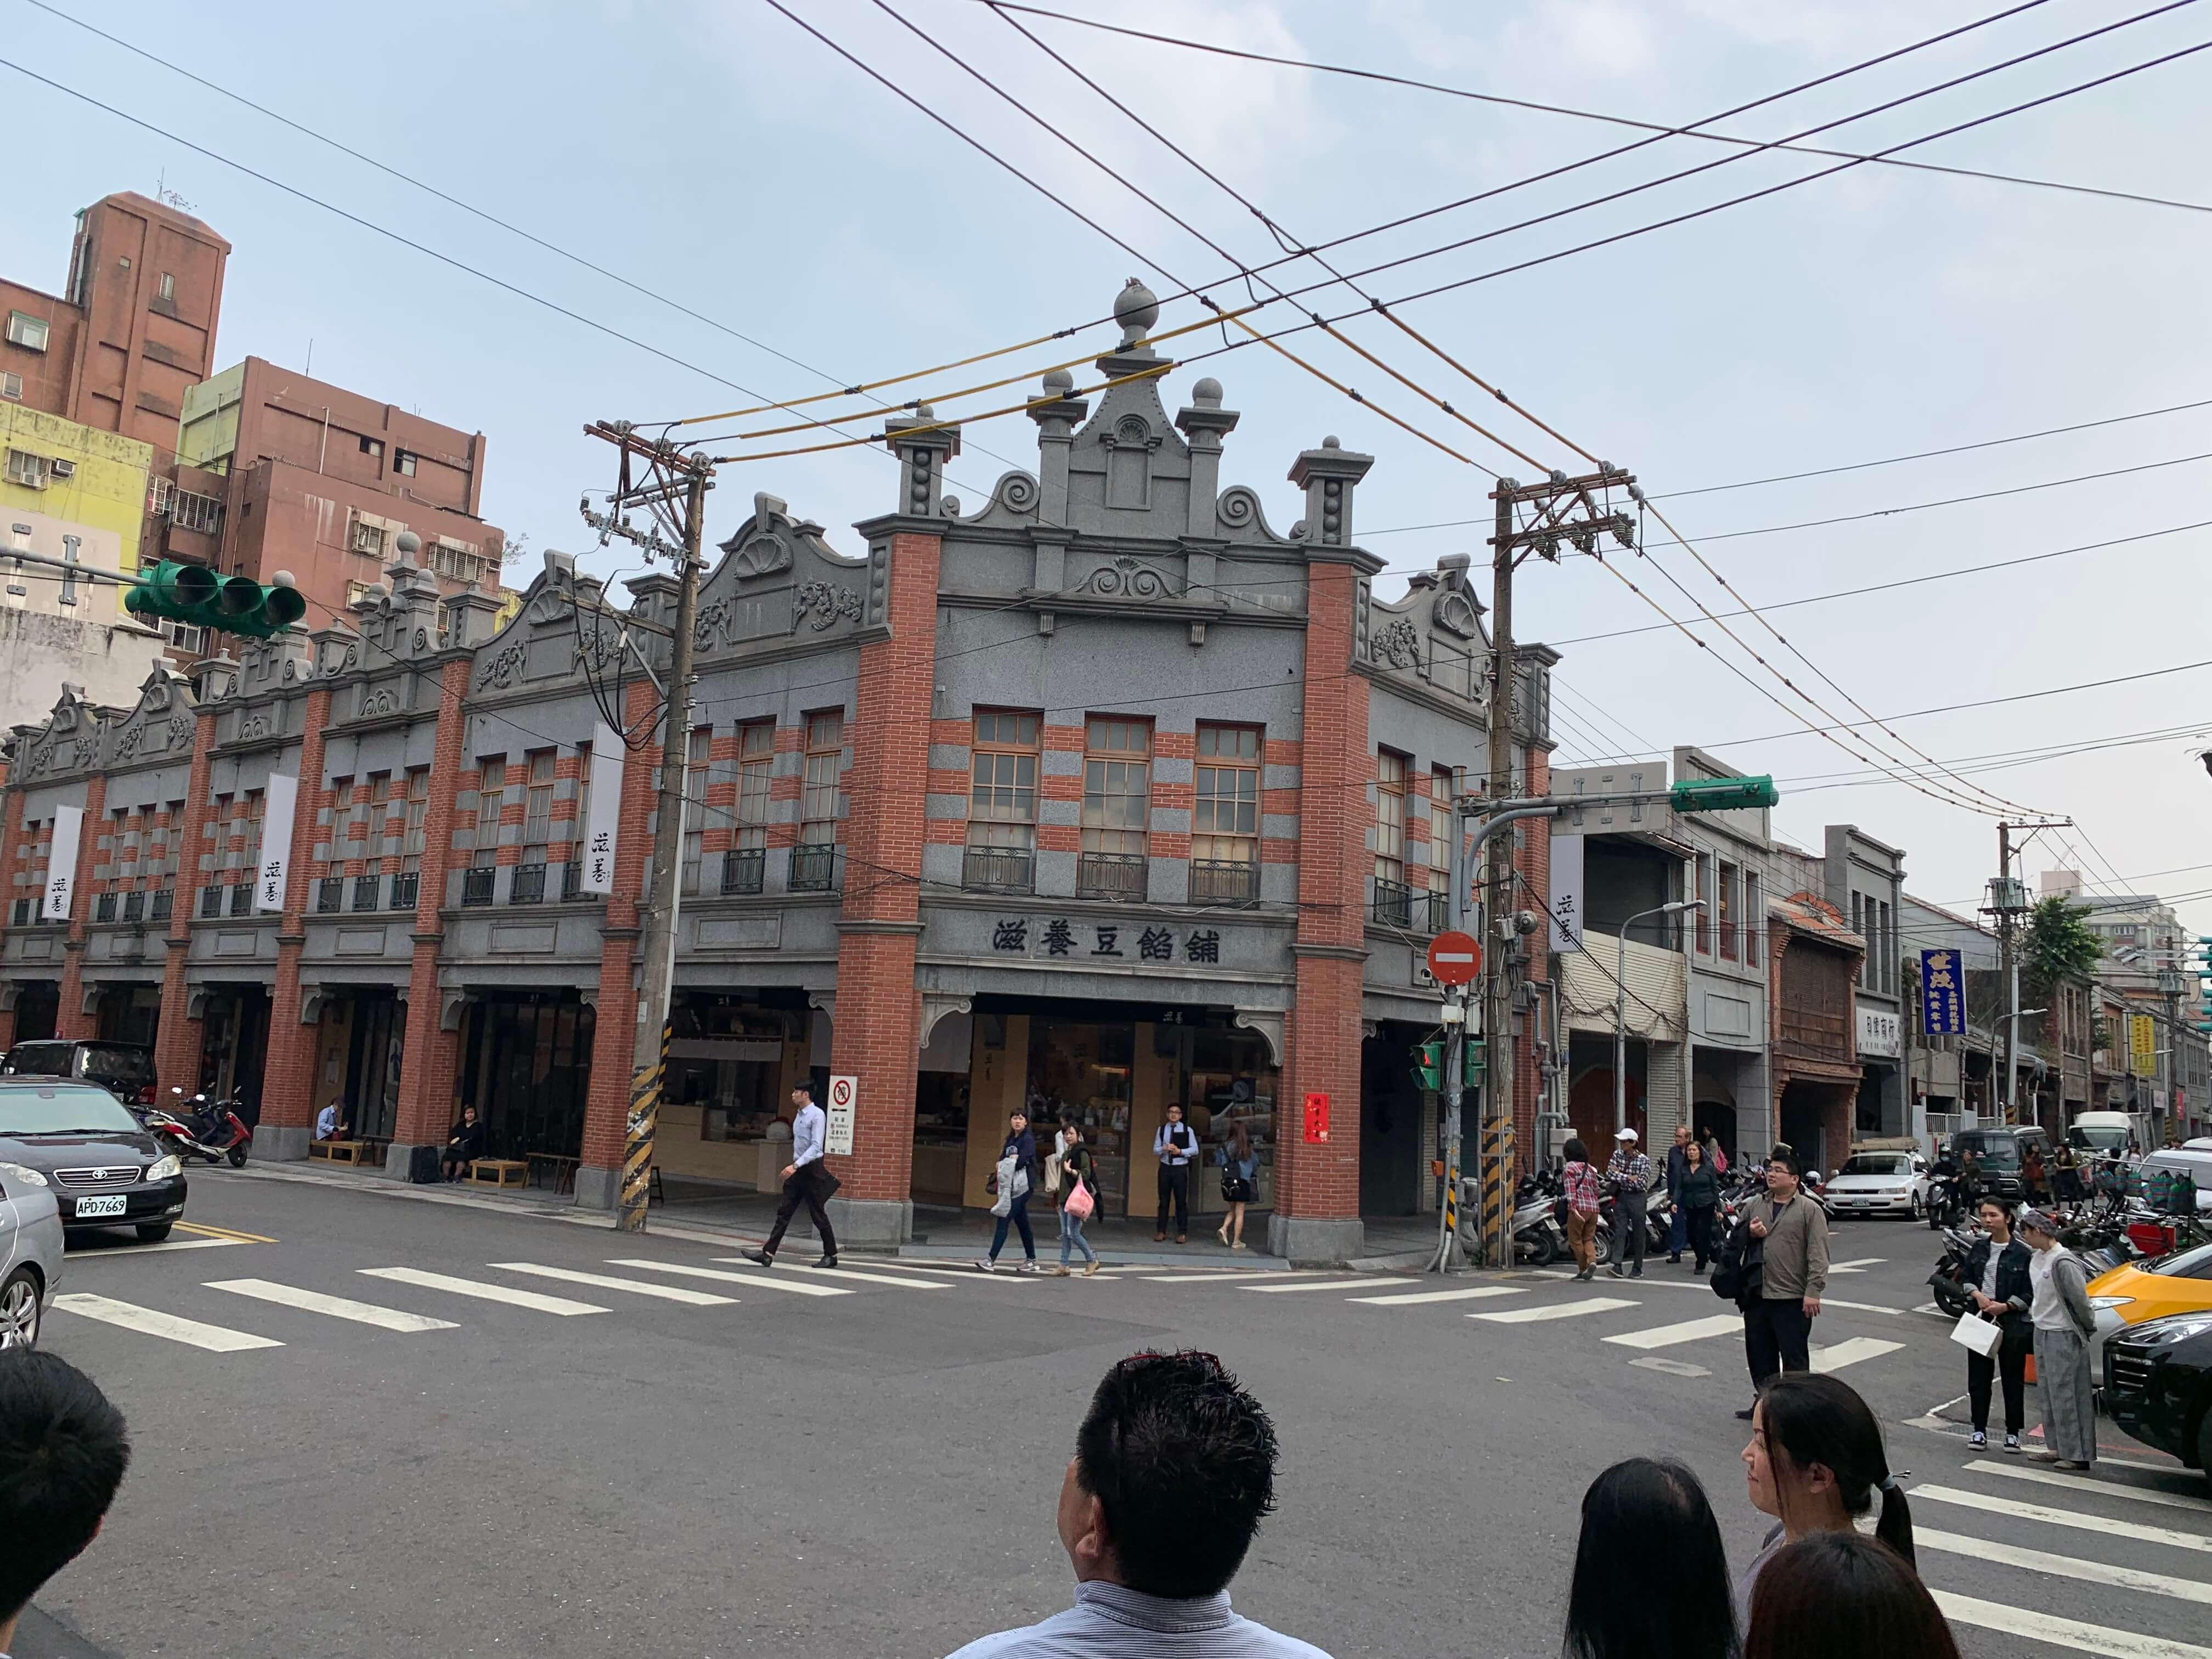 視察の様子 大稲埕 1 ← 通行人の顔をぼかす。